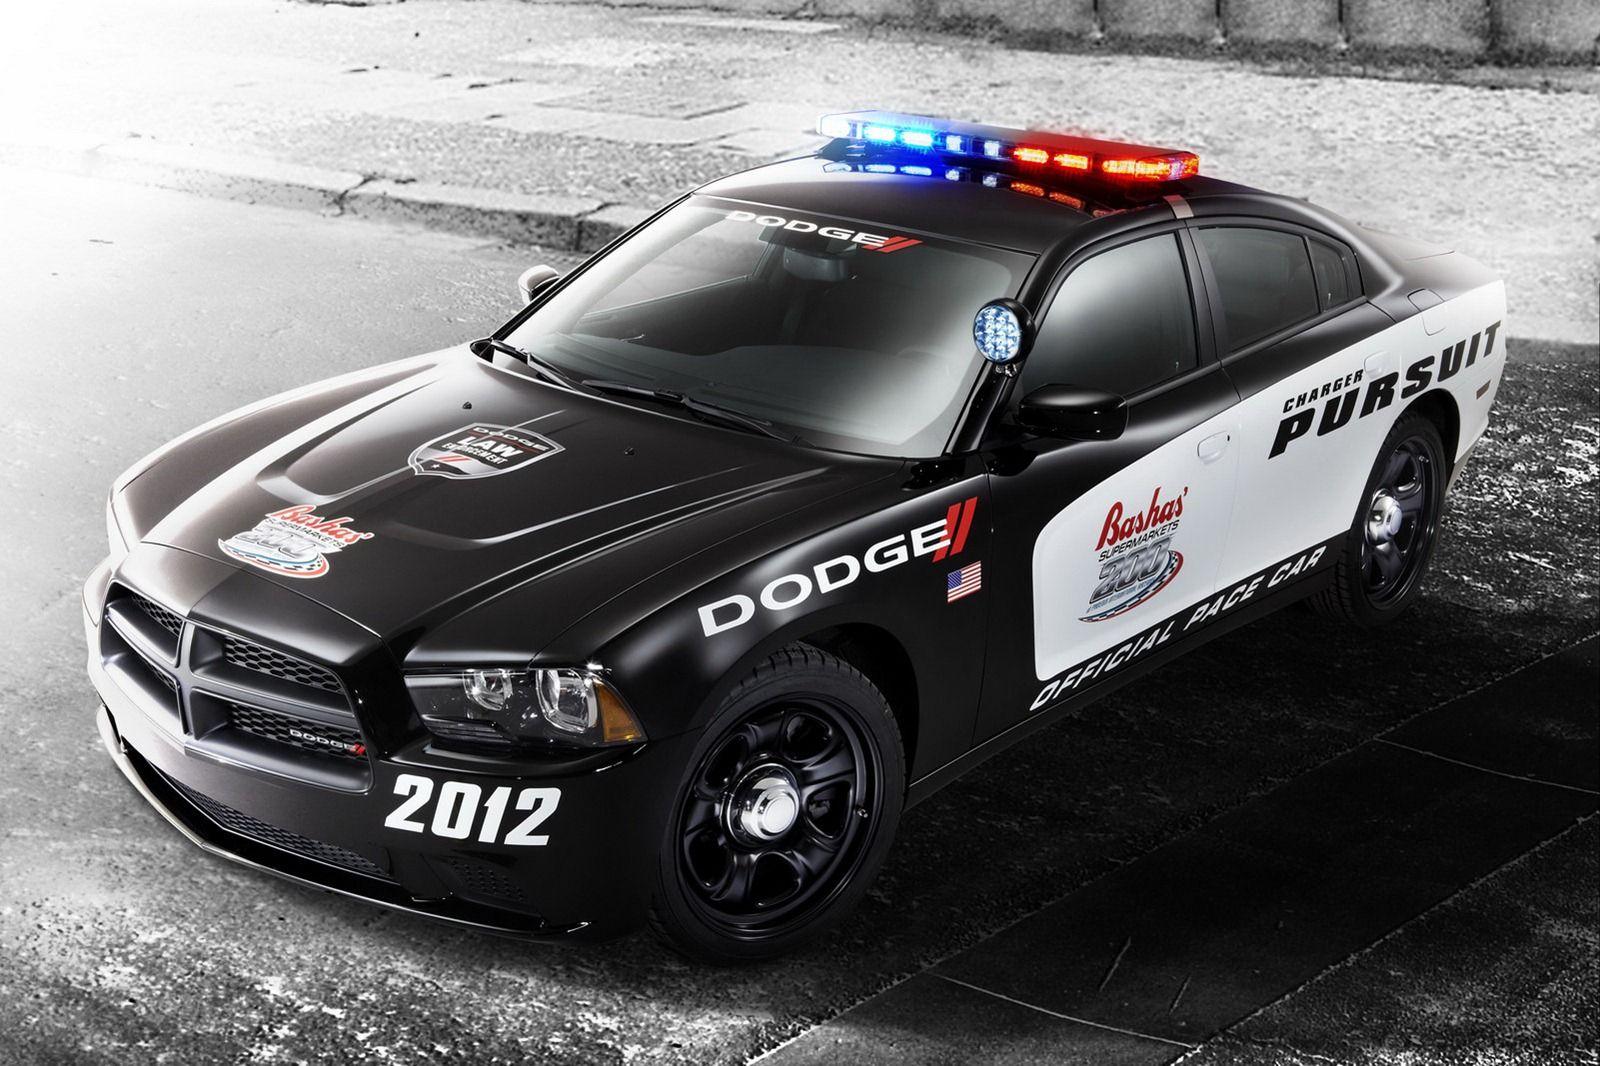 2012 dodge charger police pace car nascar dodge charger pursuit police cars pinterest. Black Bedroom Furniture Sets. Home Design Ideas